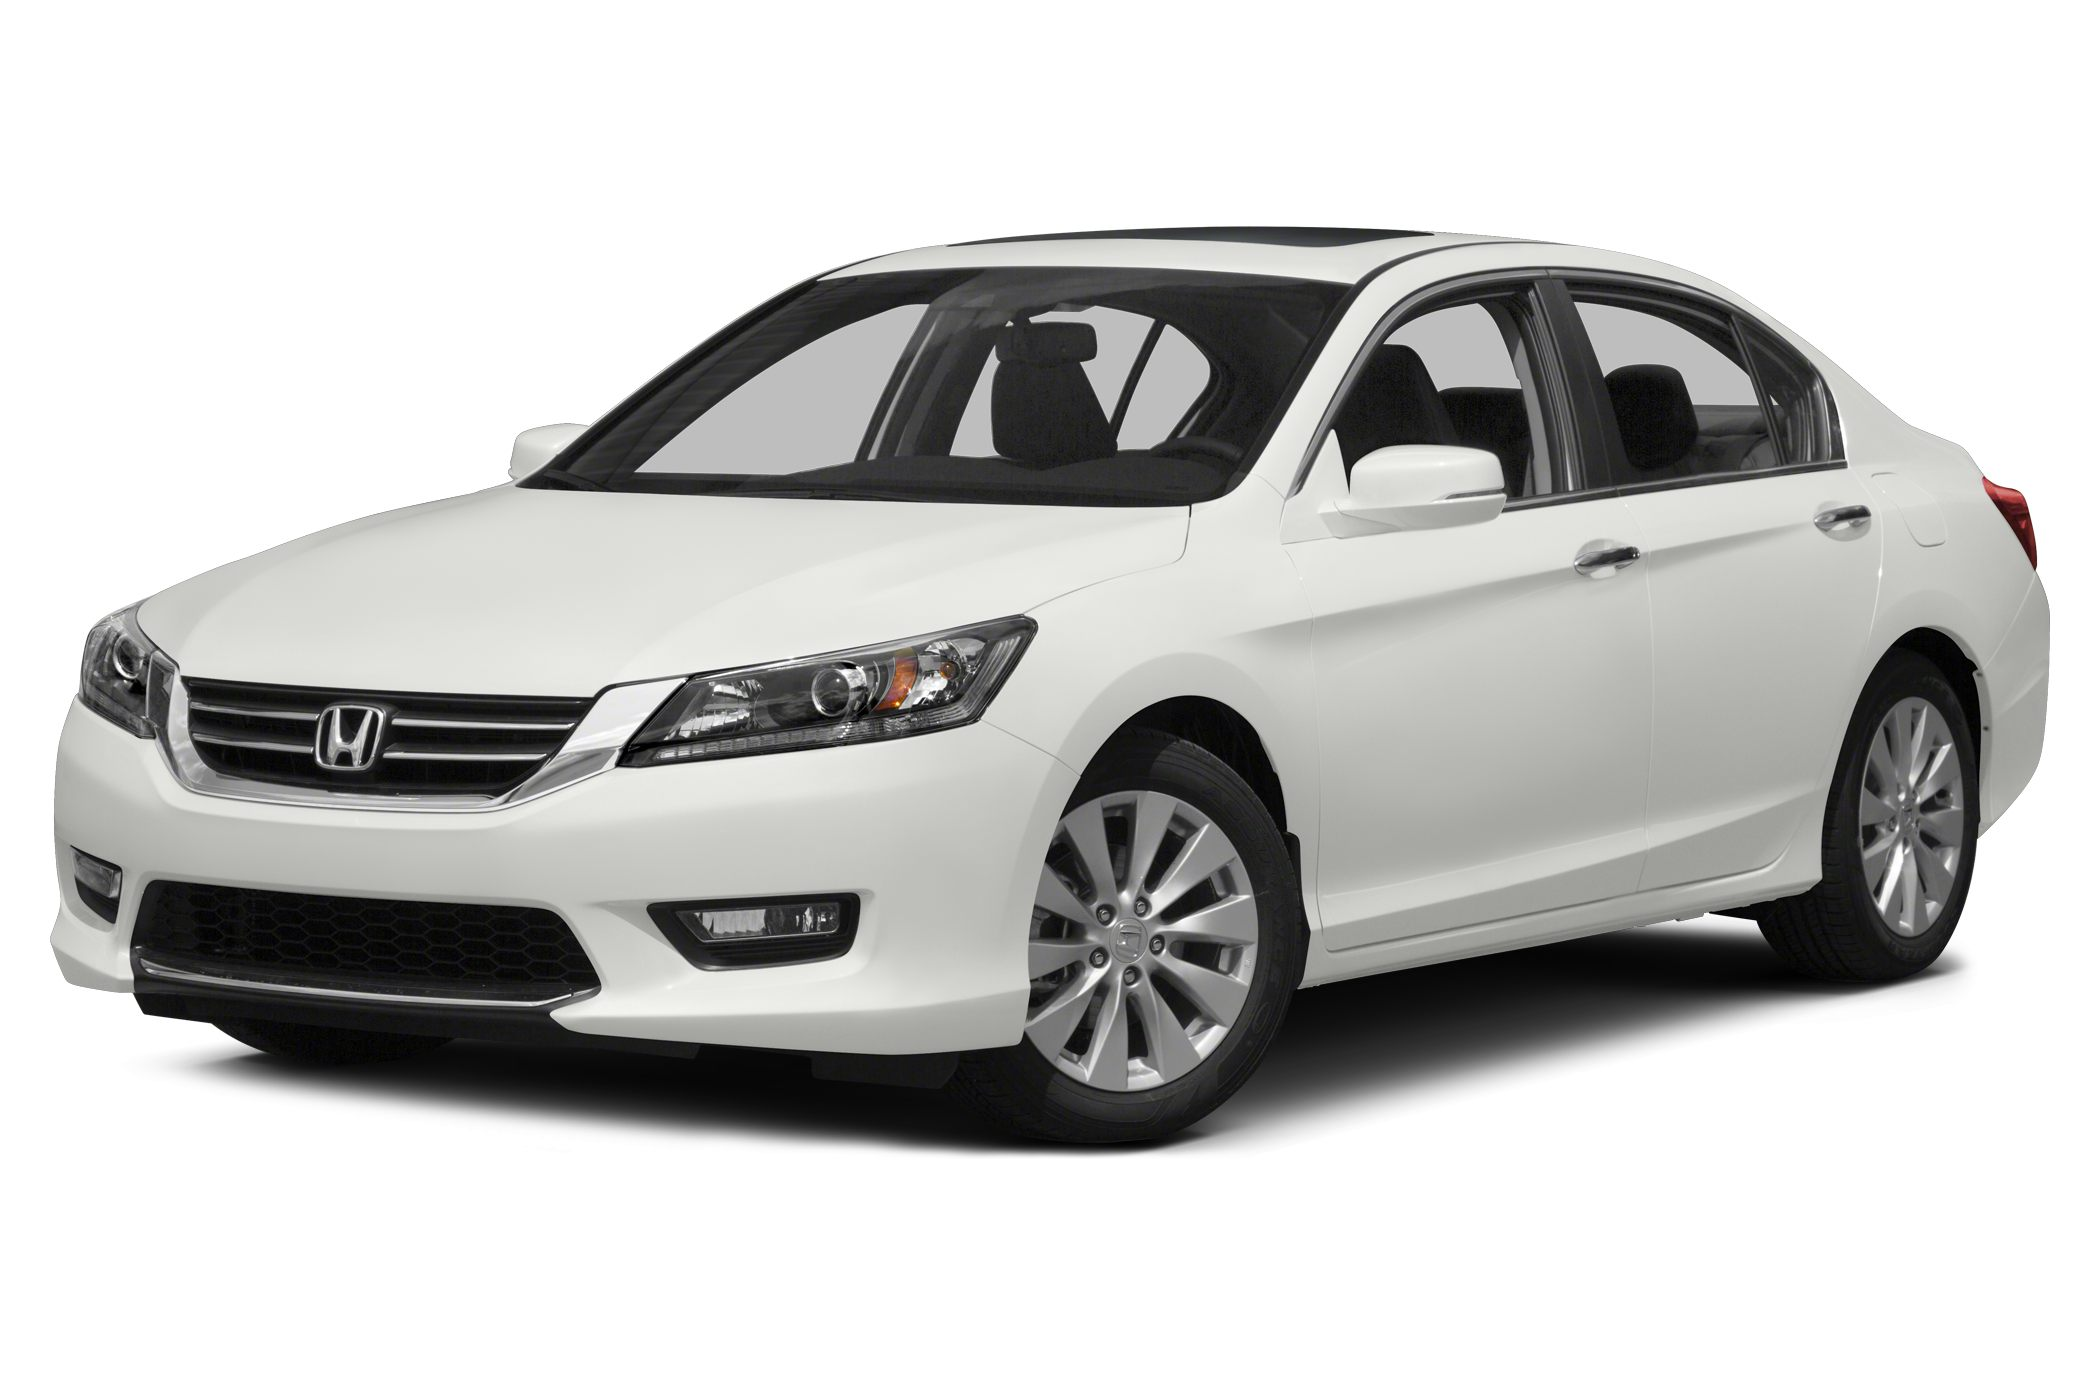 2013 Honda Accord Manual 0 60